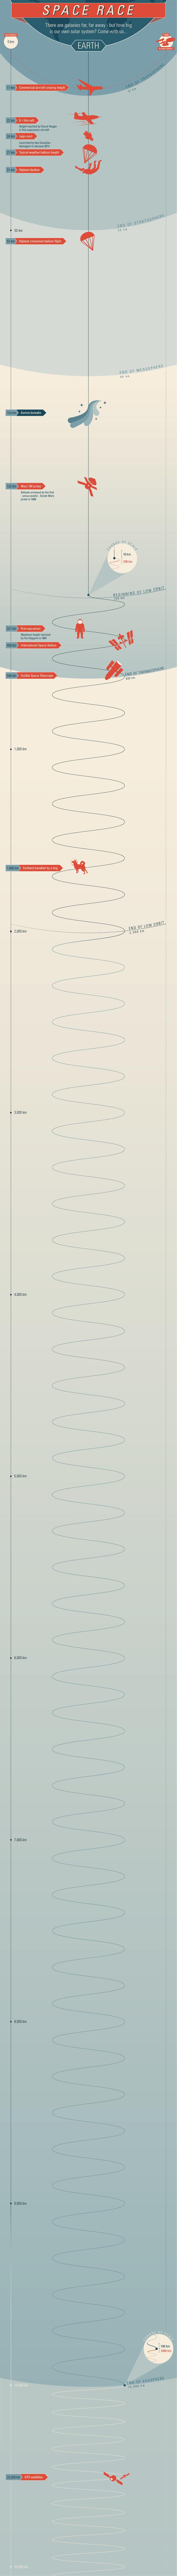 Actualidad Informática. Infografía sobre el Sistema Solar. Rafael Barzanallana. UMU